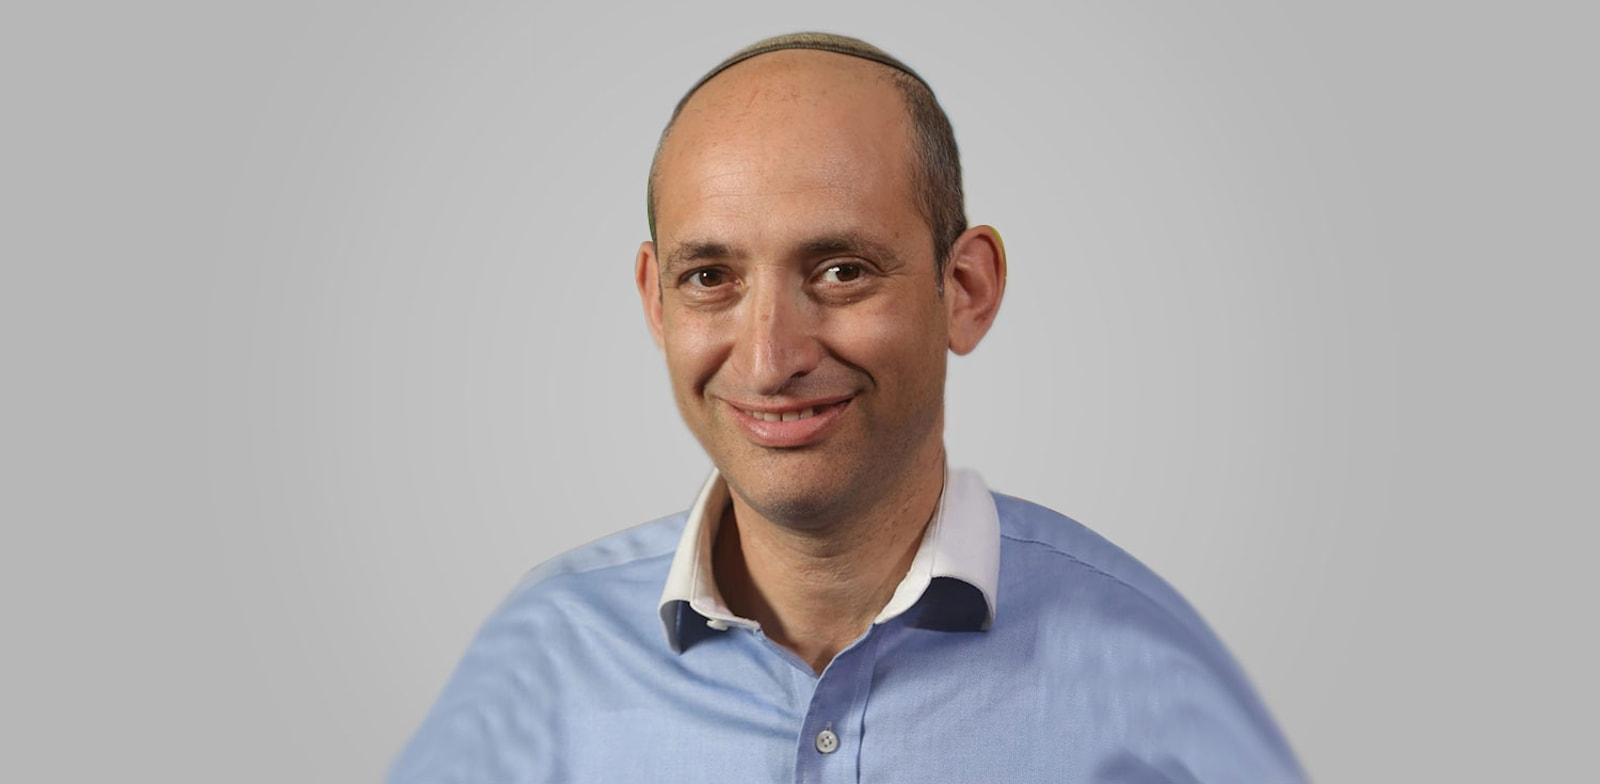 """אביעד פרידמן, מנכ""""ל משרד הבינוי והשיכון / צילום: דן סבאח"""